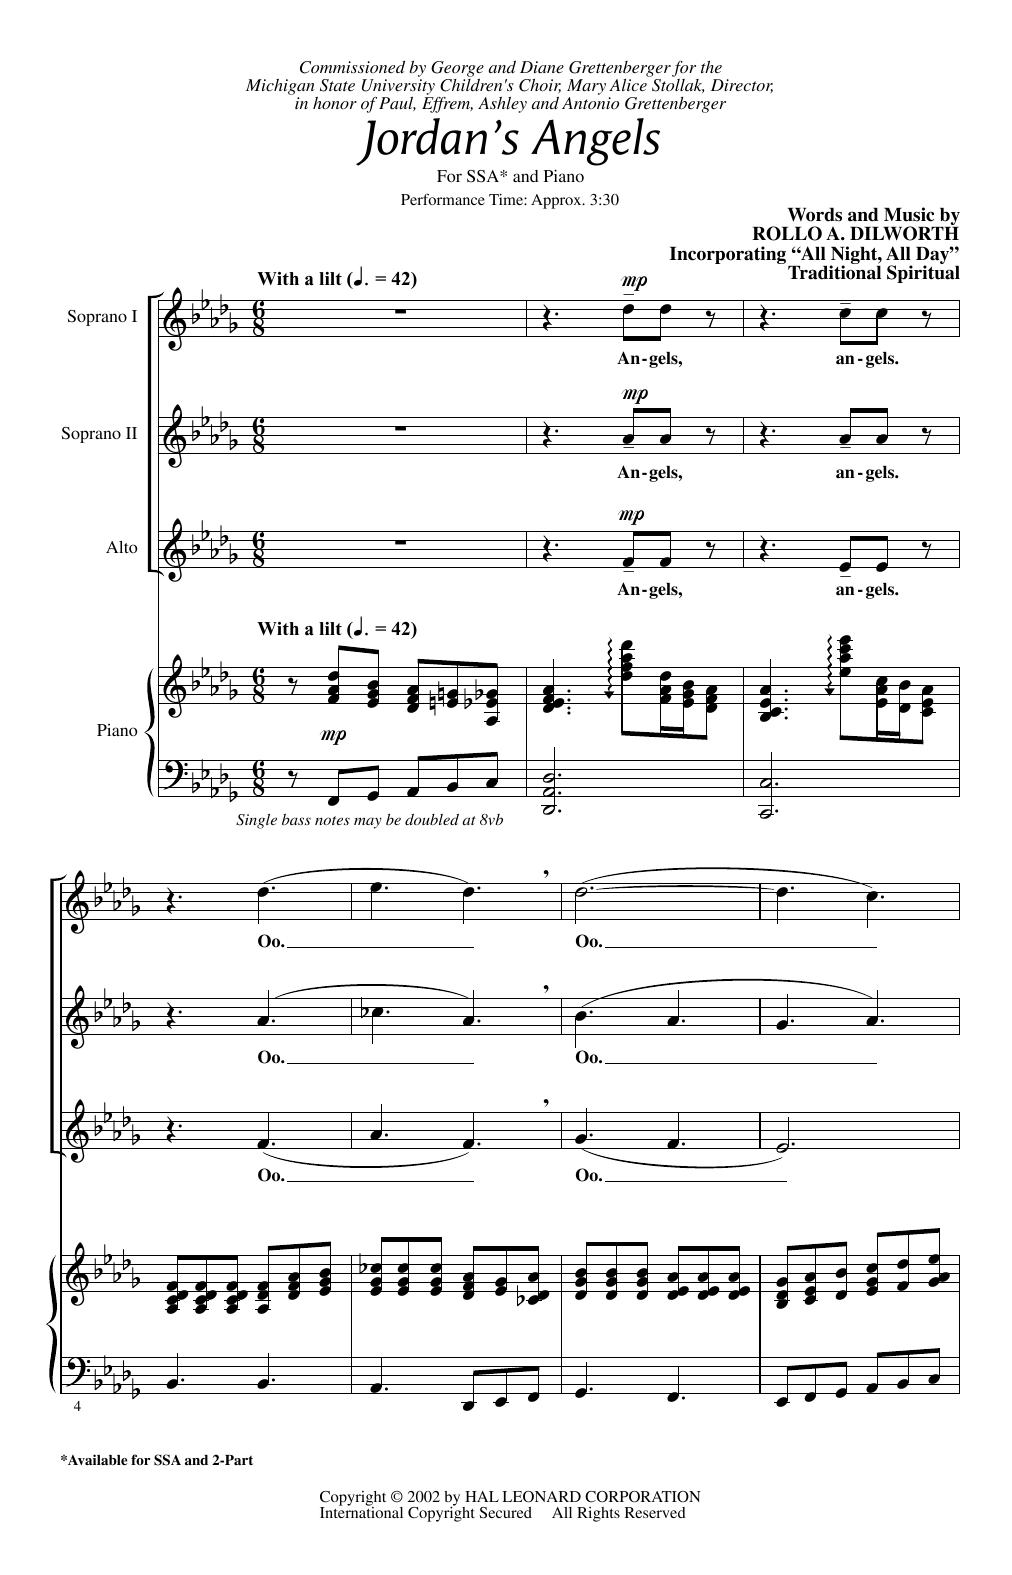 Partition chorale Jordan's Angels de Rollo Dilworth - SSA